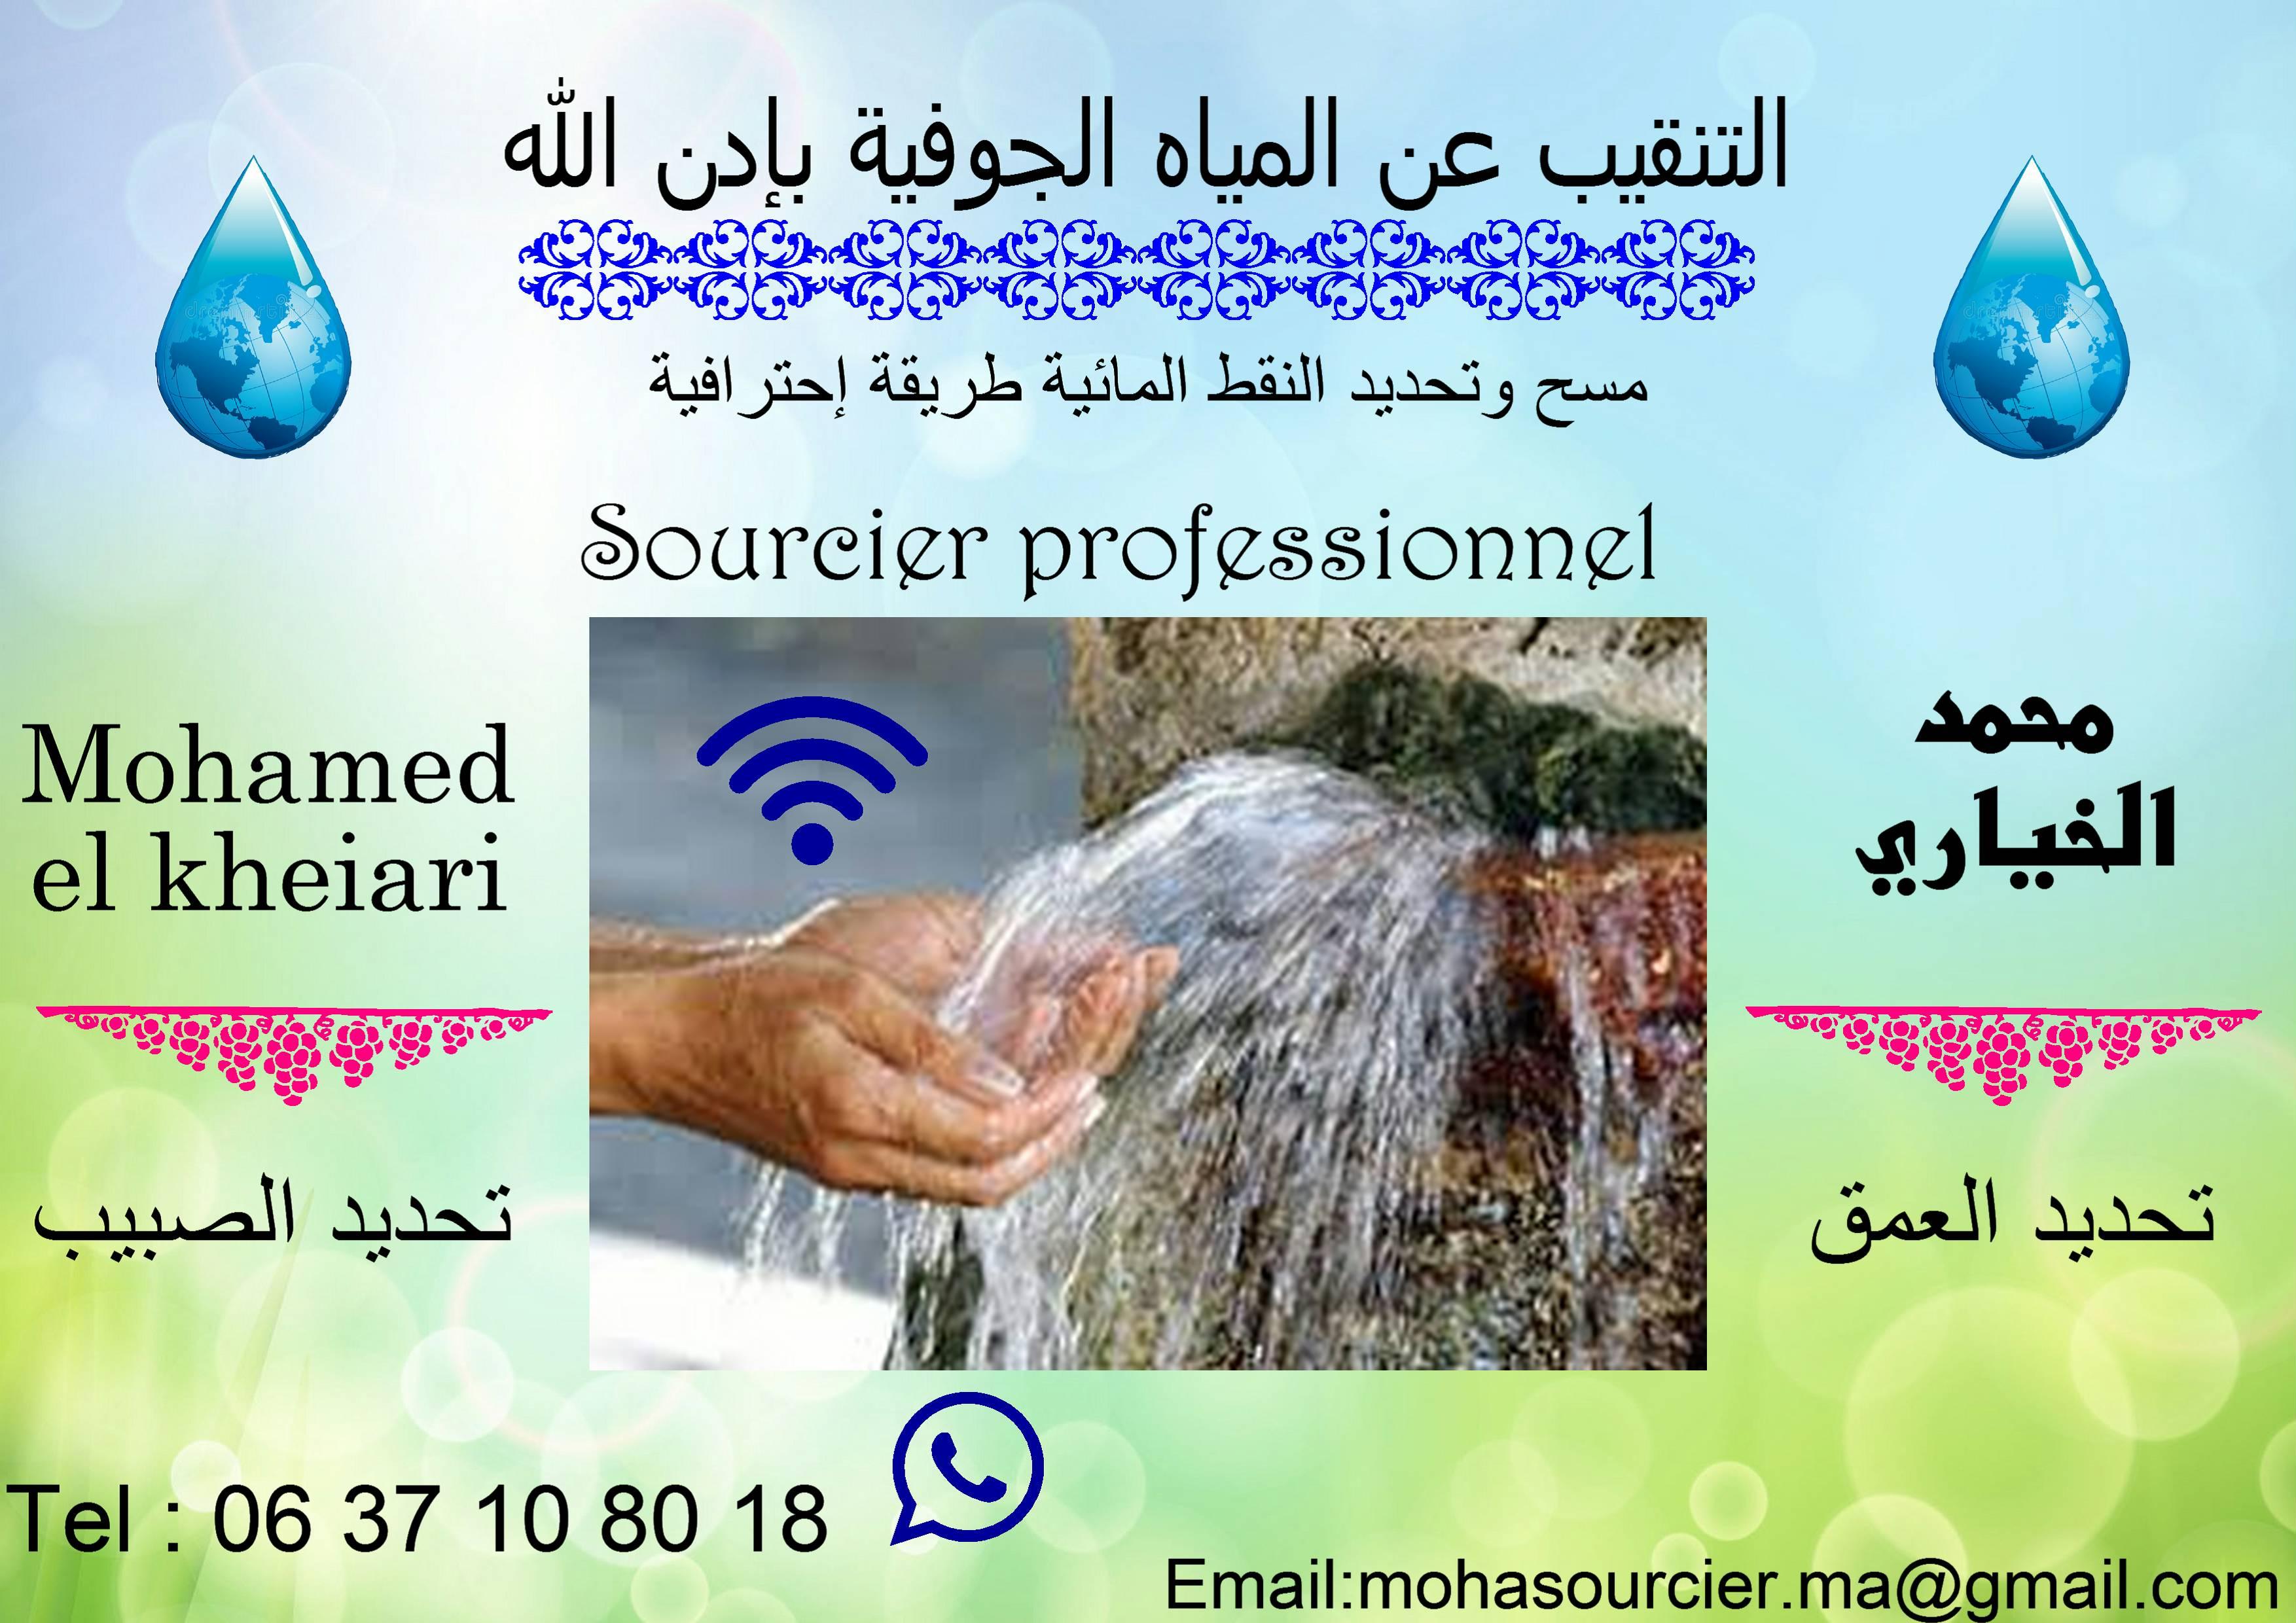 التنقيب عن المياه الجوفية بالمغرب بطريقة احترافية